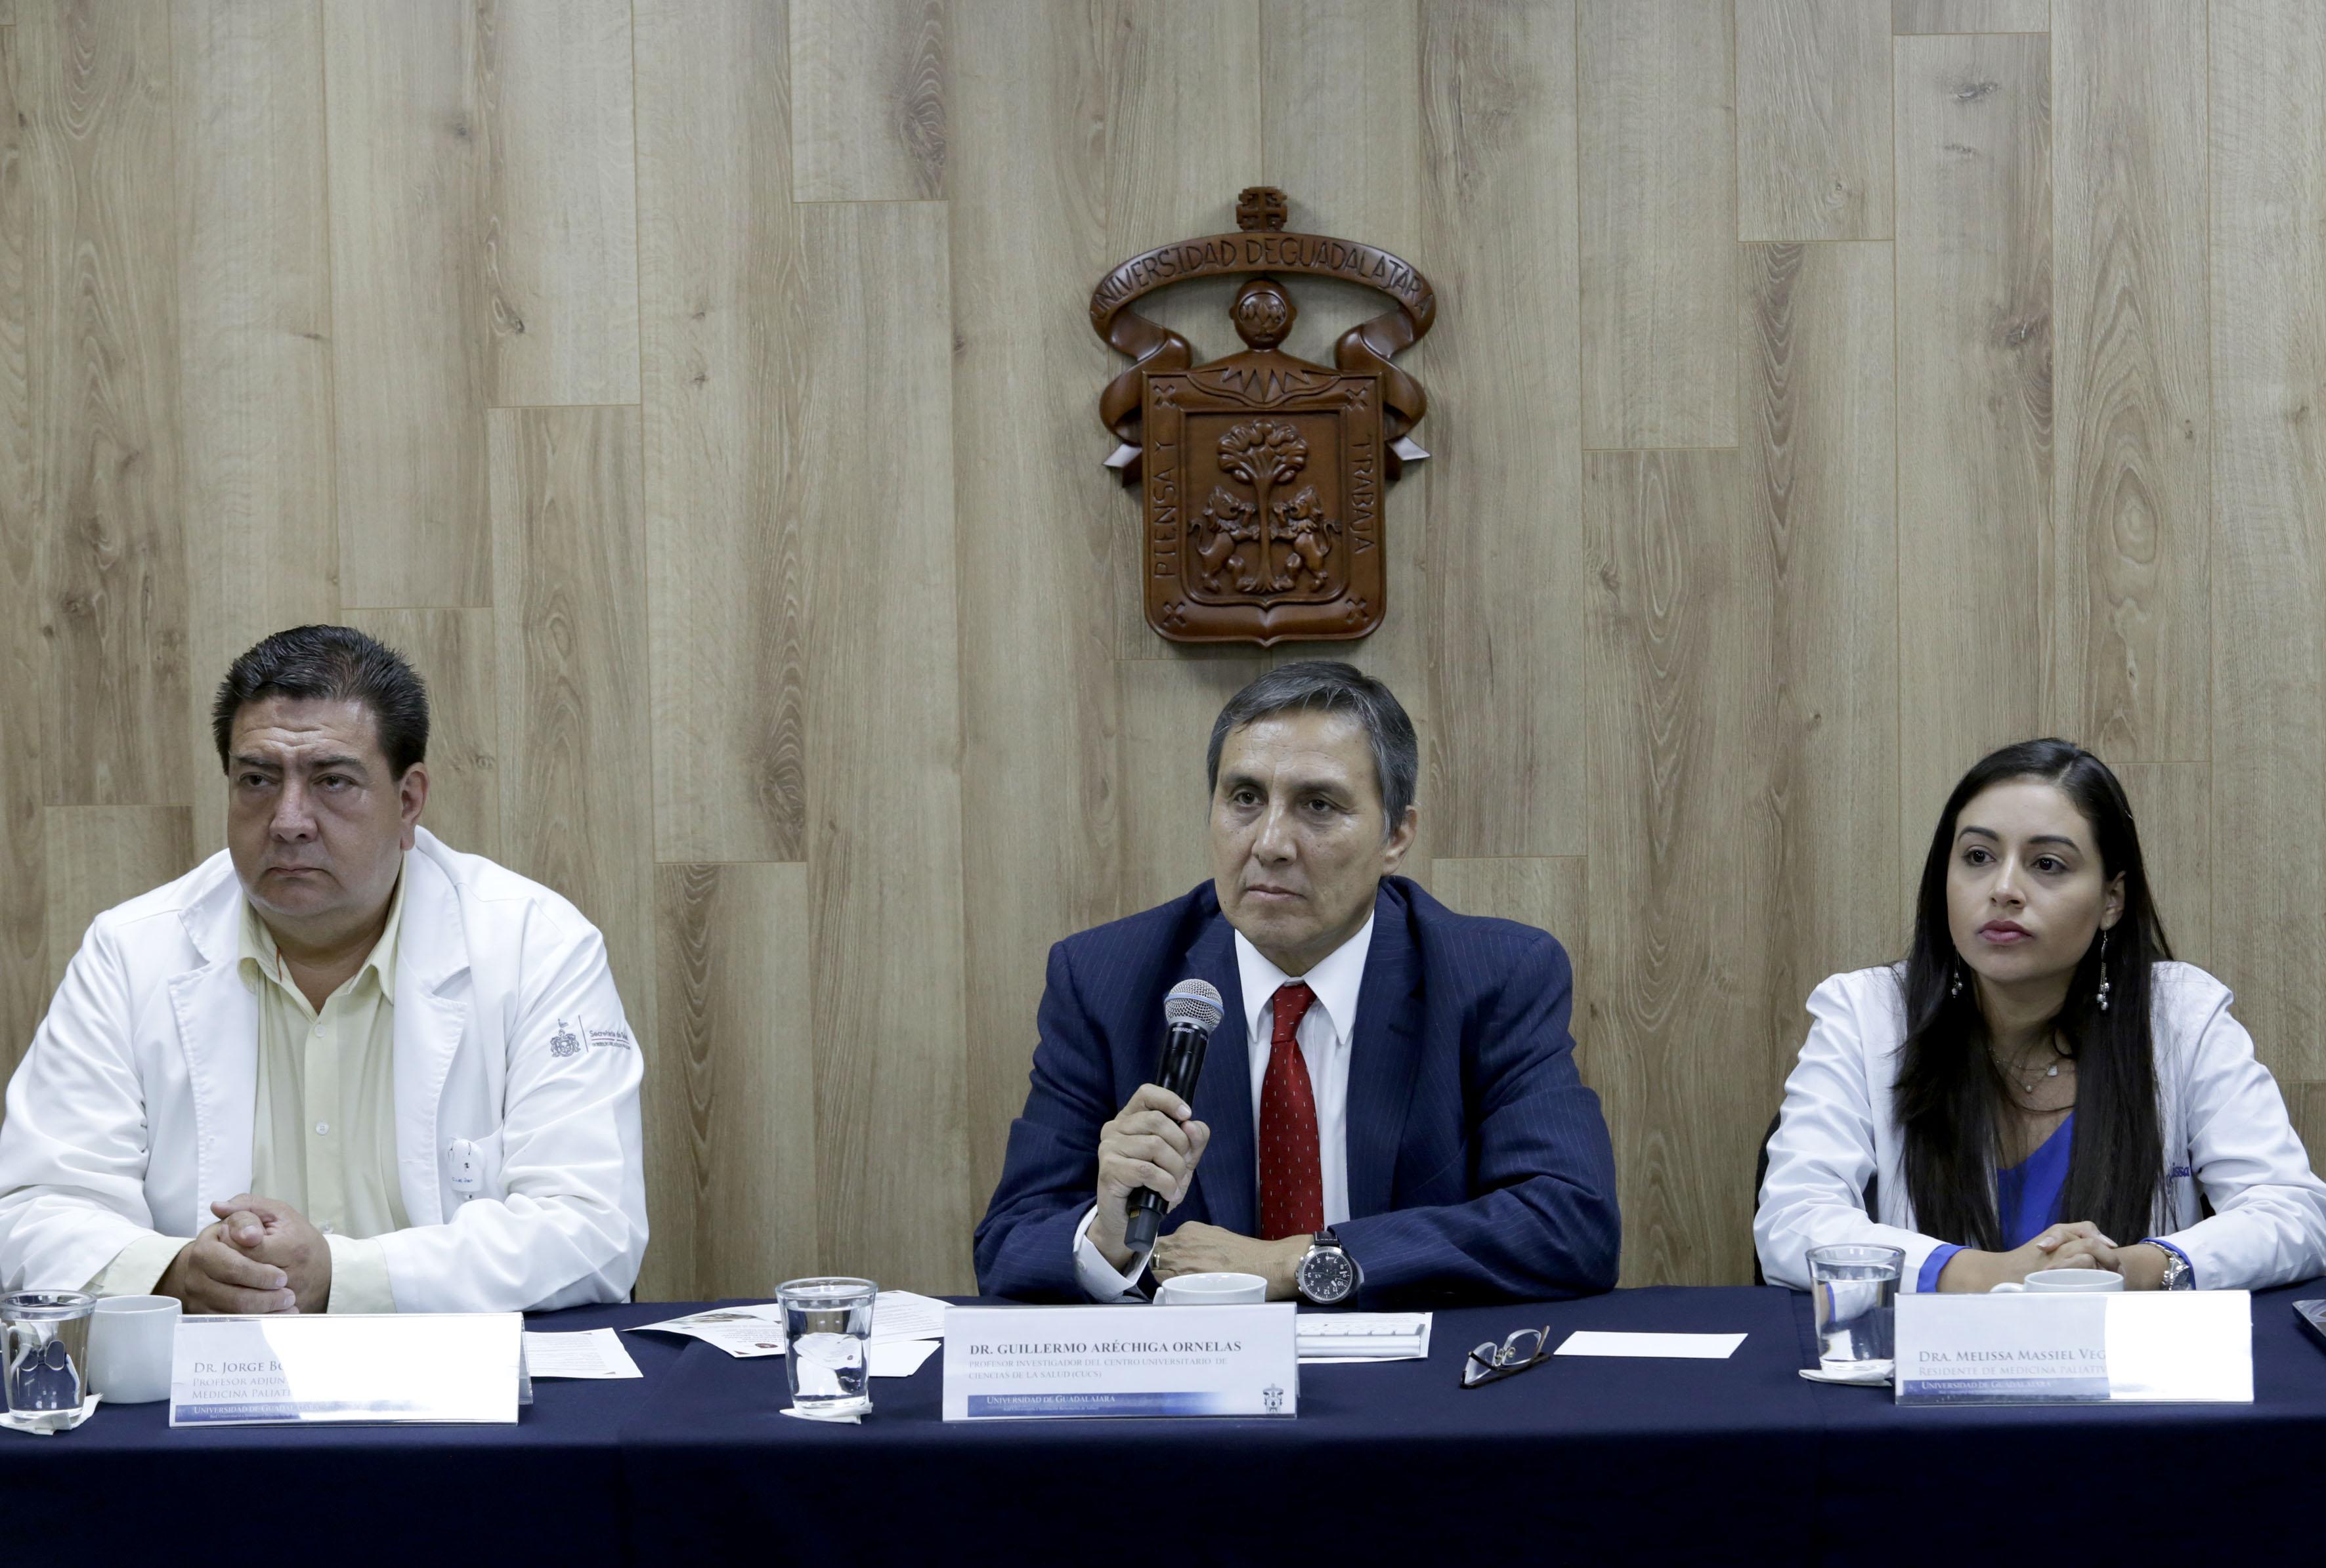 doctor Guillermo Aréchiga Ornelas, profesor investigador del Centro Universitario de Ciencias de la Salud (CUCS), de la Universidad de Guadalajara (UdeG) hyaciendo uso de la palabra